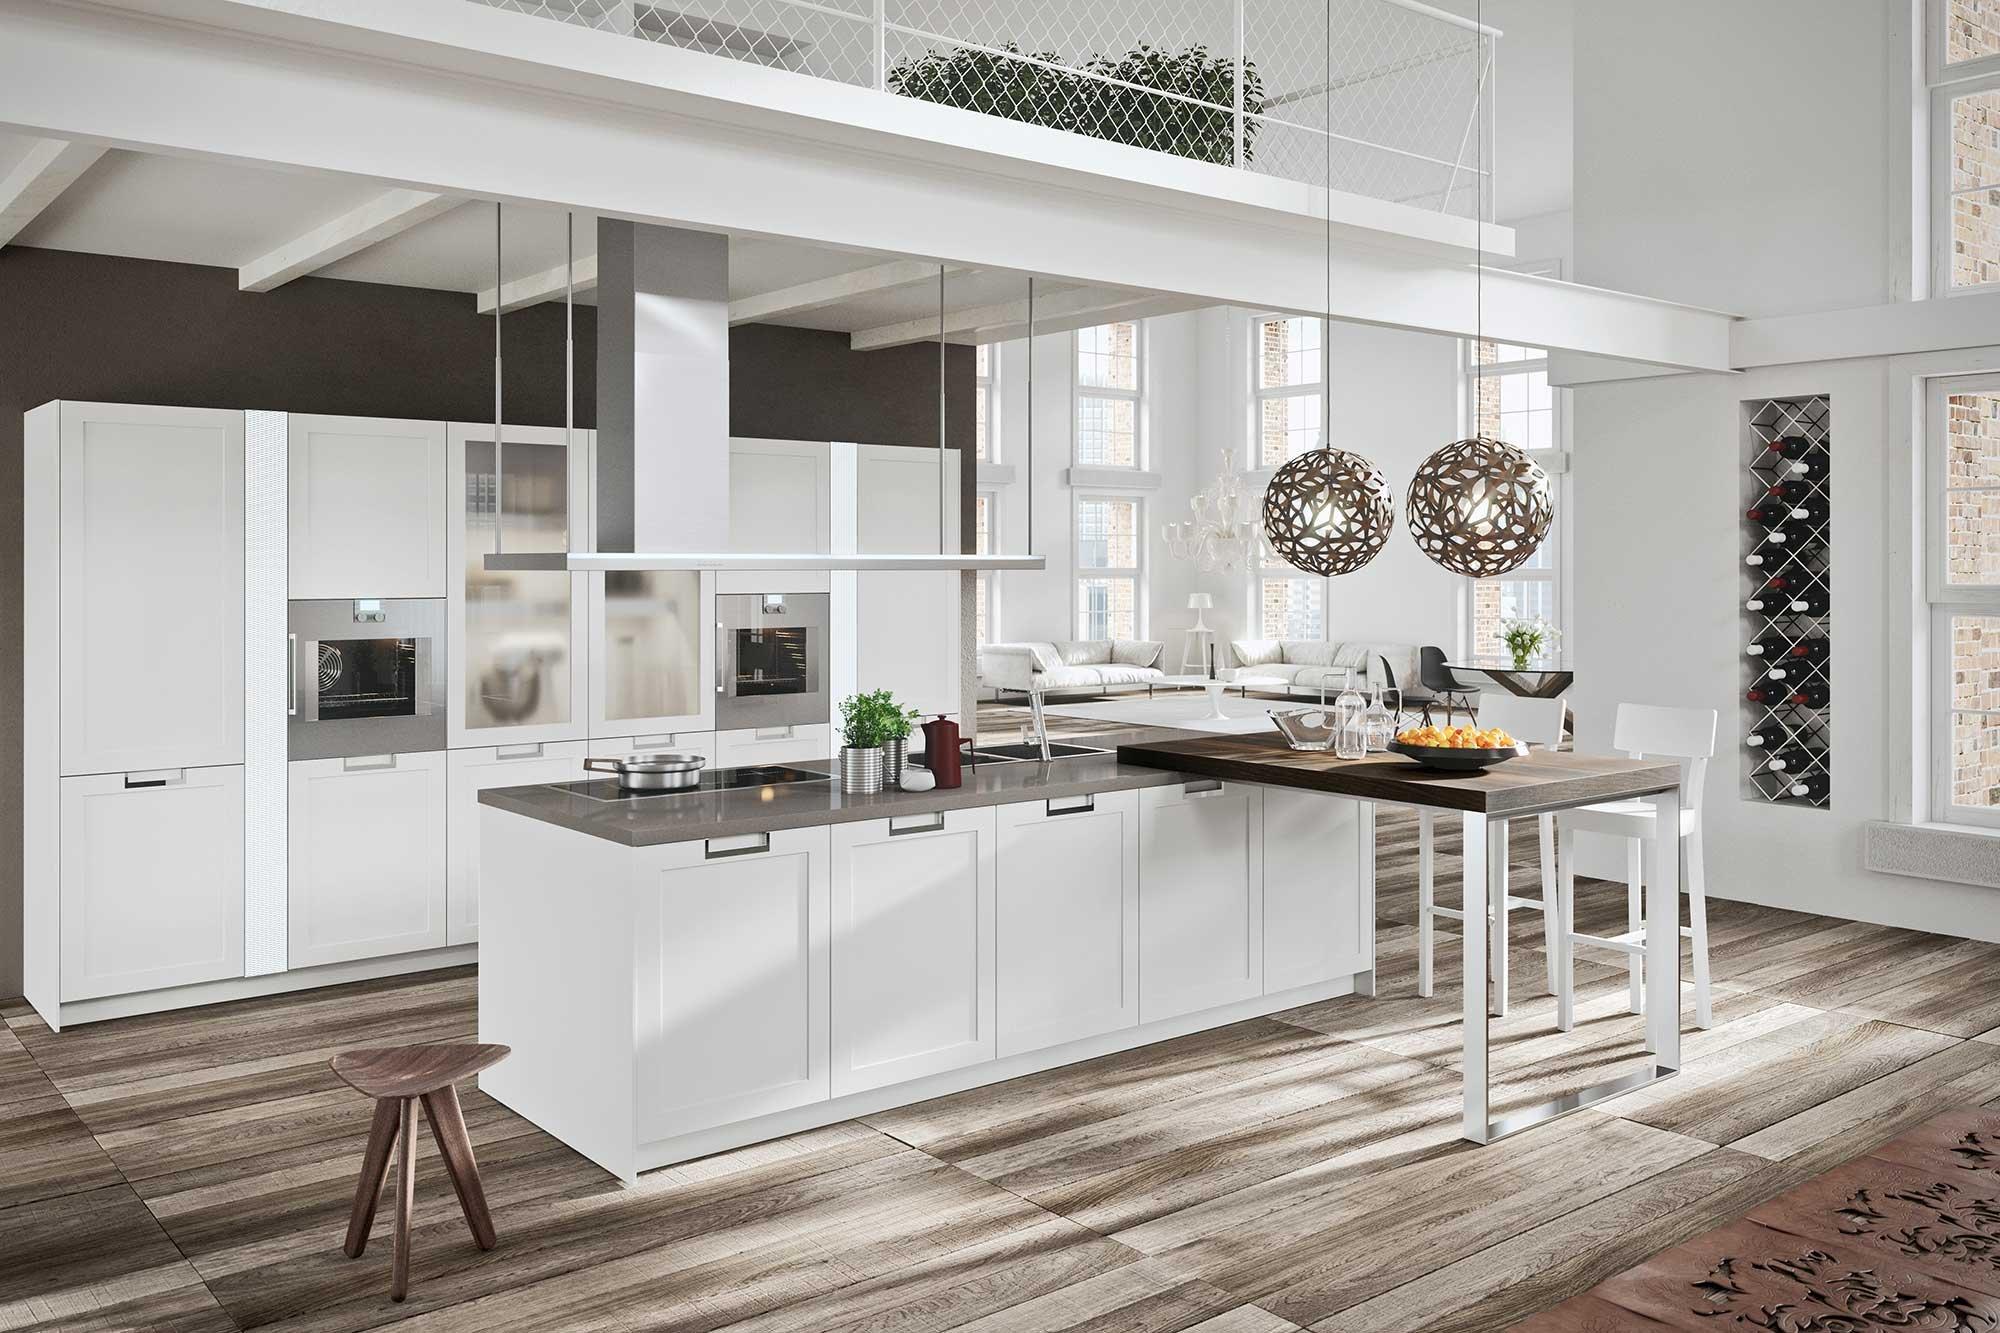 Cucine Americane Con Isola Prezzi - Idee per la decorazione di ...